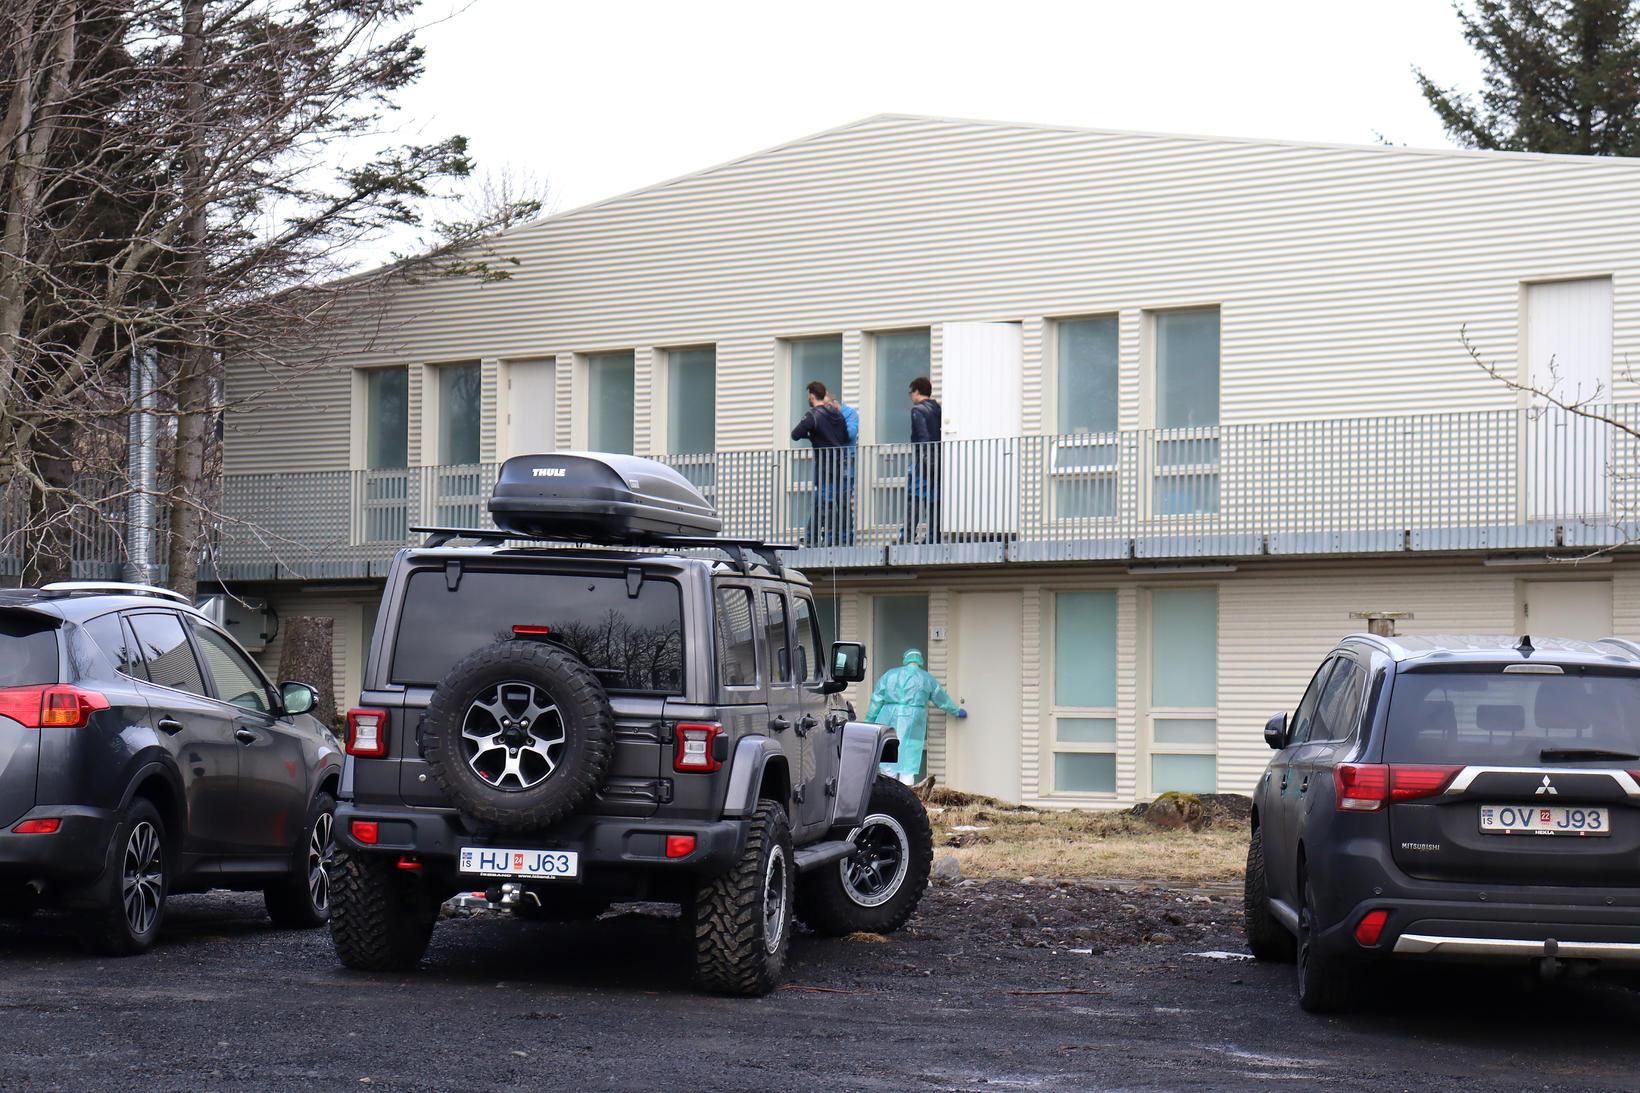 Smiðir og heilbrigðisstarfsfólk var á ferli við Birkiborg þegar ljósmyndari …